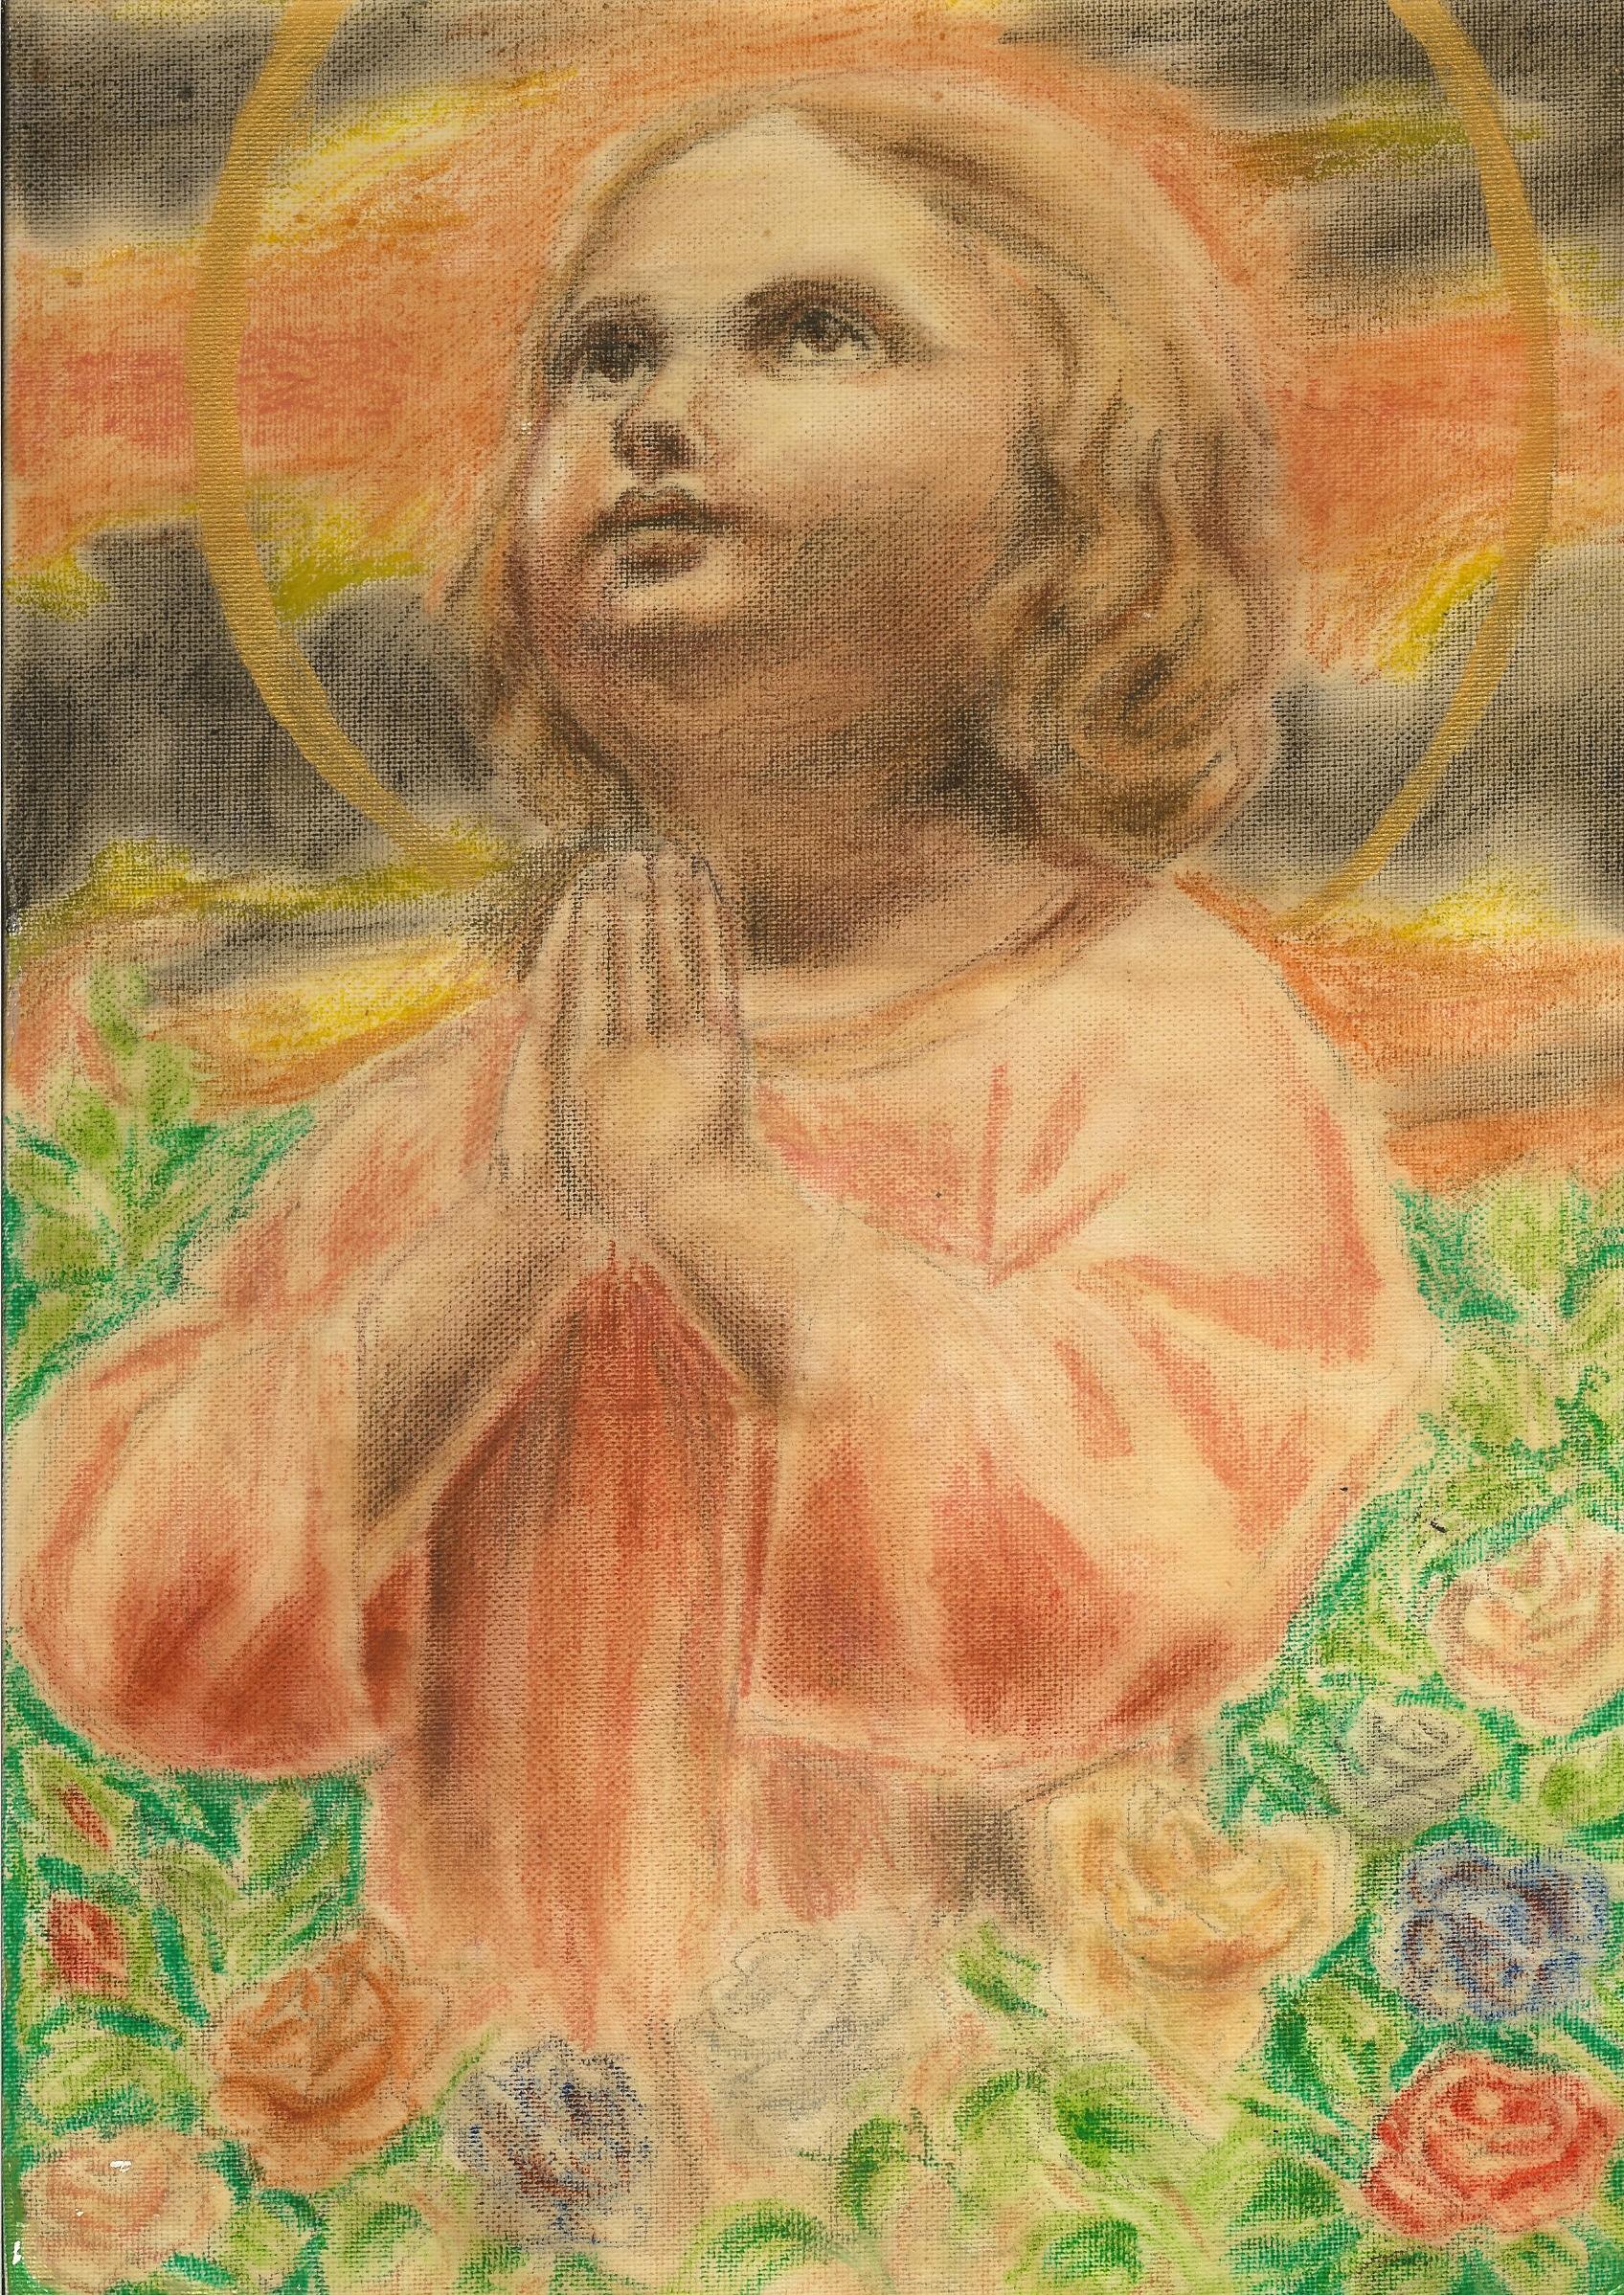 CALENDRIER CATHOLIQUE 2020 (Cantiques, Prières & Images) - Page 3 Le-saint-enfant-j-sus-559ee5d